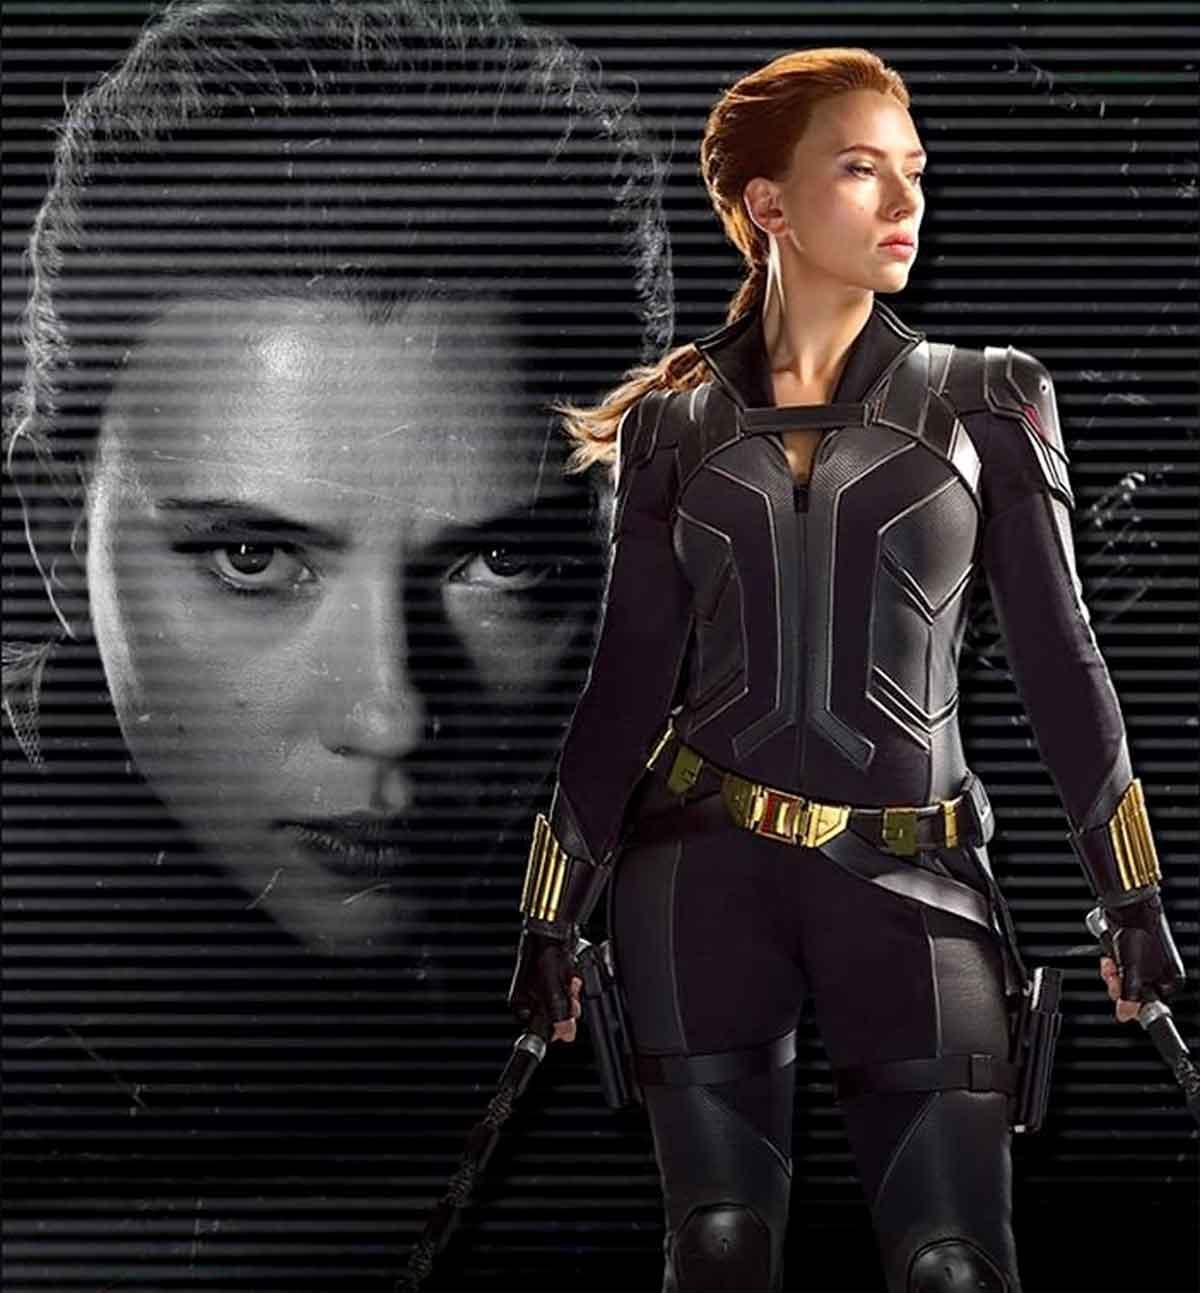 El nuevo traje que usará Vida Negra en su película es espectacular